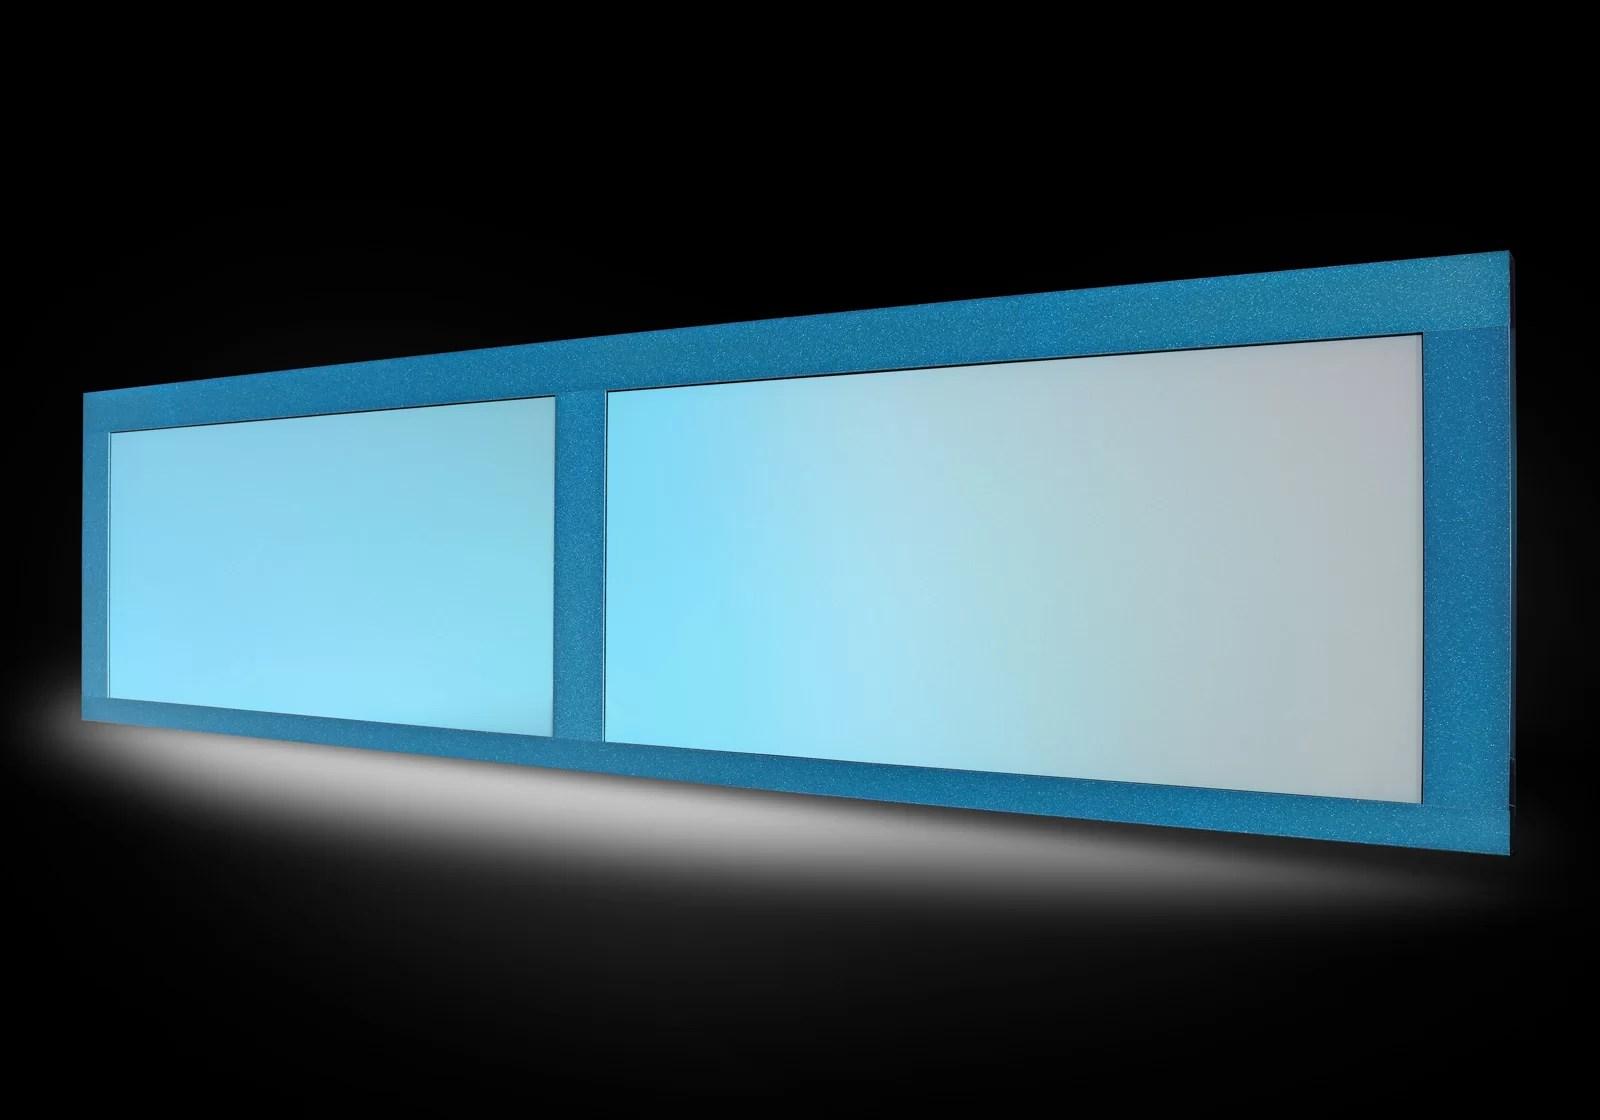 Iridescenti - Sezione Azzurro Perlato